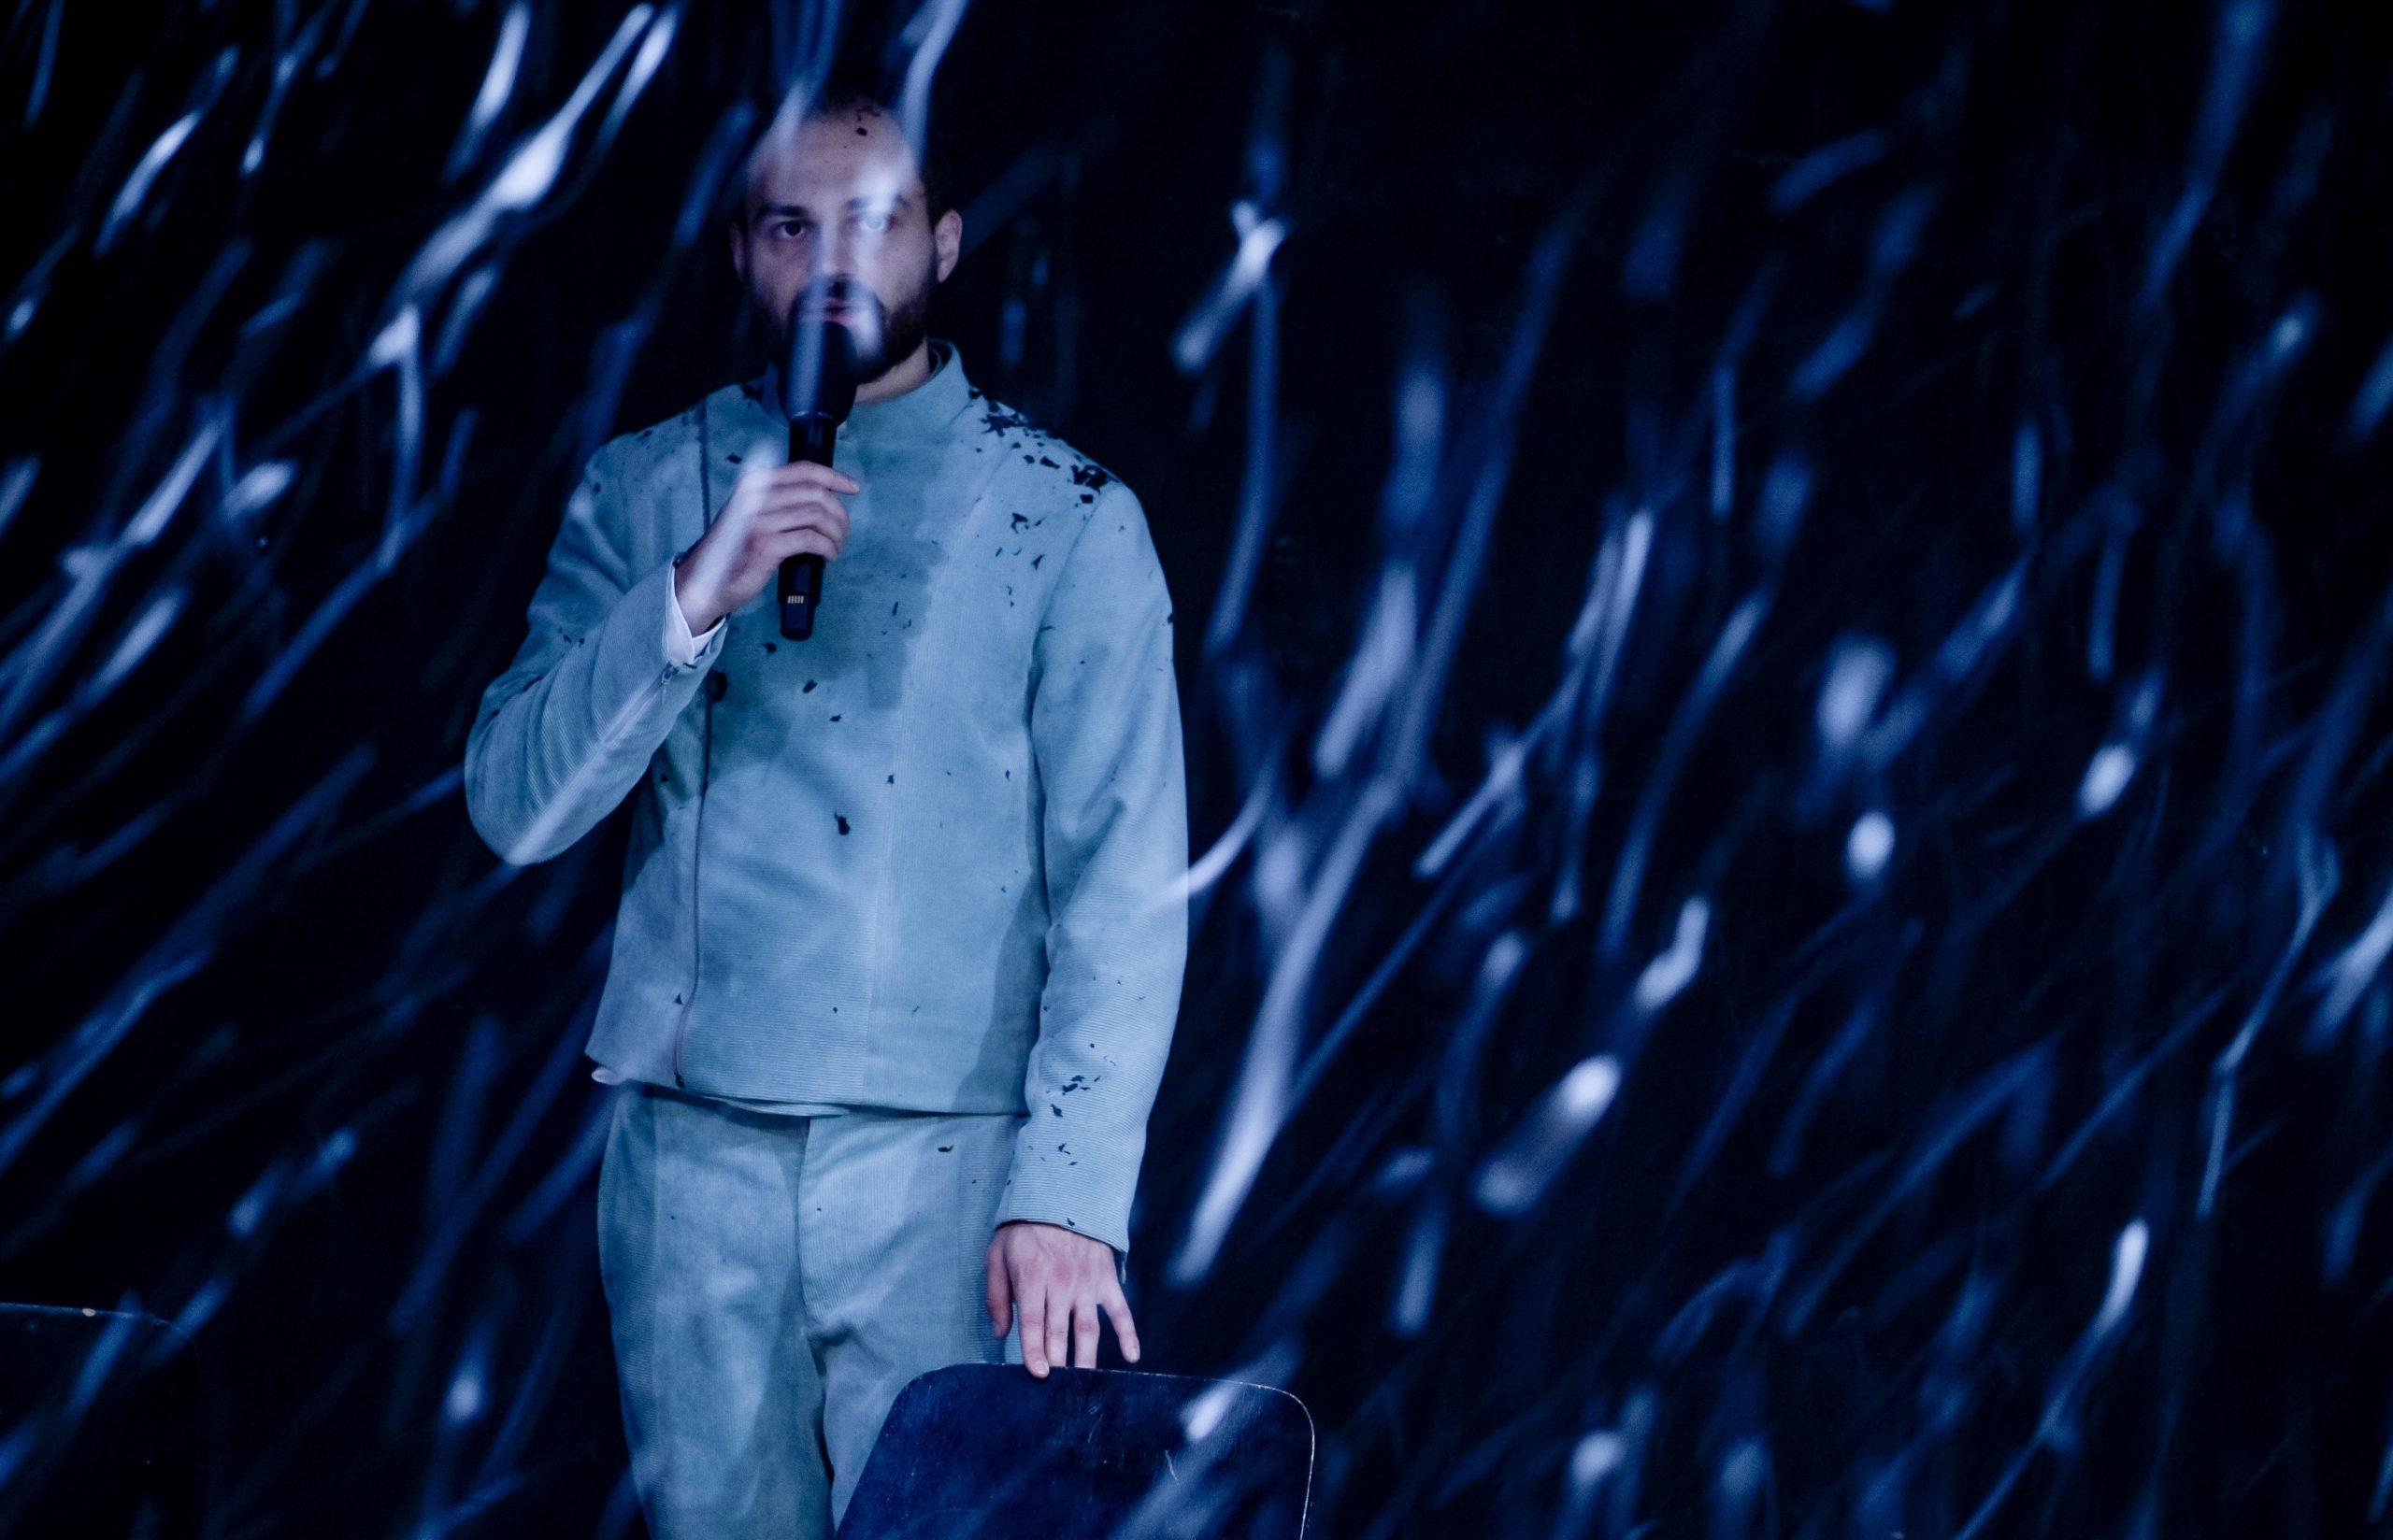 Die Pest © Arno Declair. Božidar Kocevski trägt einem hellblauen Anzug und steht auf einer dunklen Bühne mit Mikrofon vor dem Mund. Der Zeigefinger der anderen Hand berührt leicht den vor ihm stehenden Stuhl. Er ist umgeben von silbrig-hellblauen Fäden, die von der Bühne hinunterrieseln.